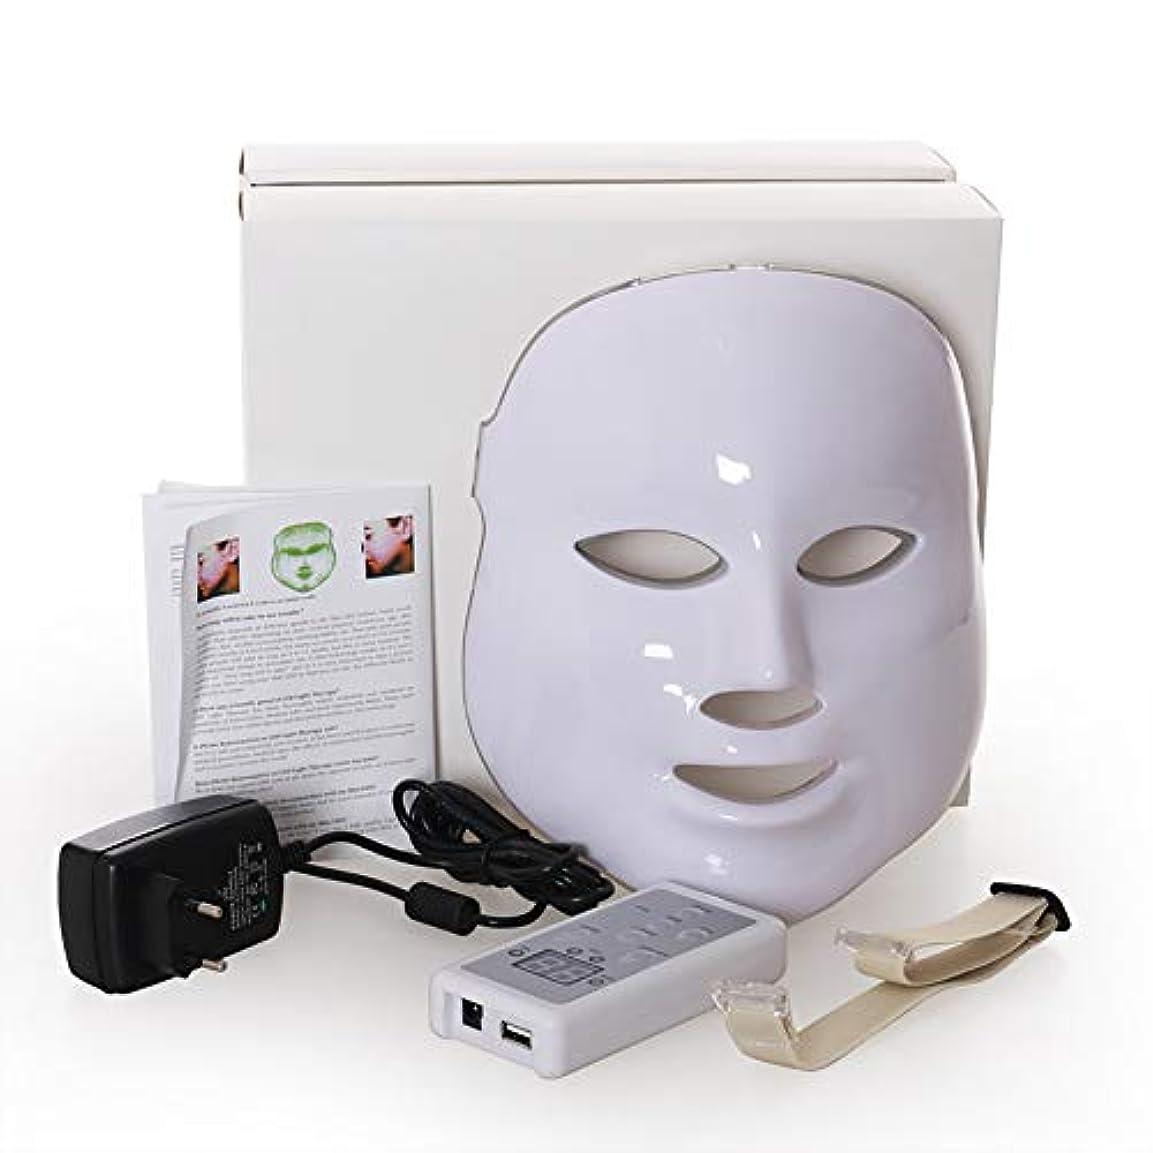 観光に行くくすぐったい二度Led のマスク、7色はしわ、にきび及び健康な皮の若返りのコラーゲン、反老化の美のマスクのための軽い療法の顔のスキンケアのマスクを導きました